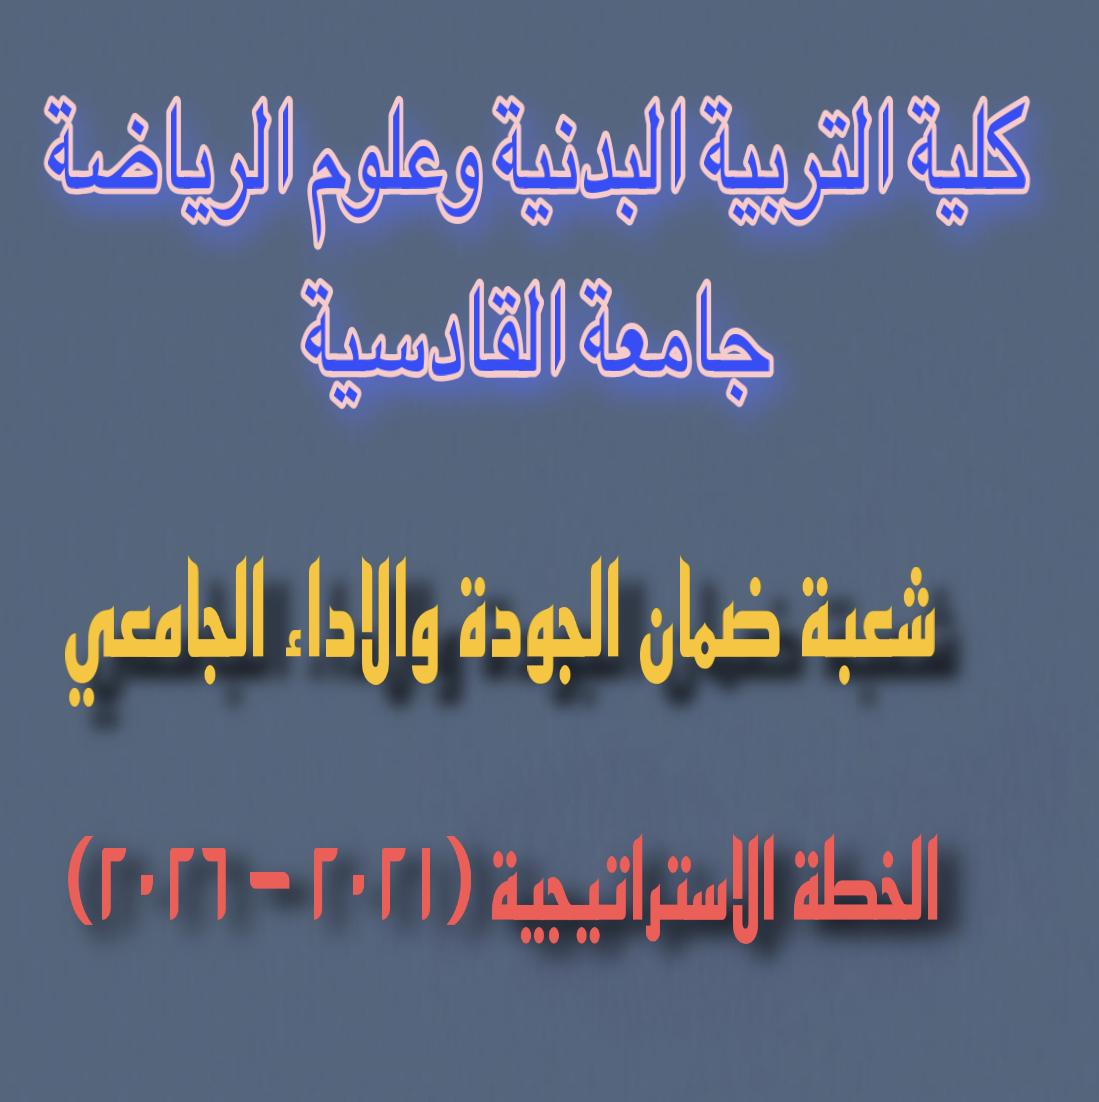 الخطة الاستراتيجية كلية التربية البدنية وعلوم الرياضة (٢٠٢١-٢٠٢٦)